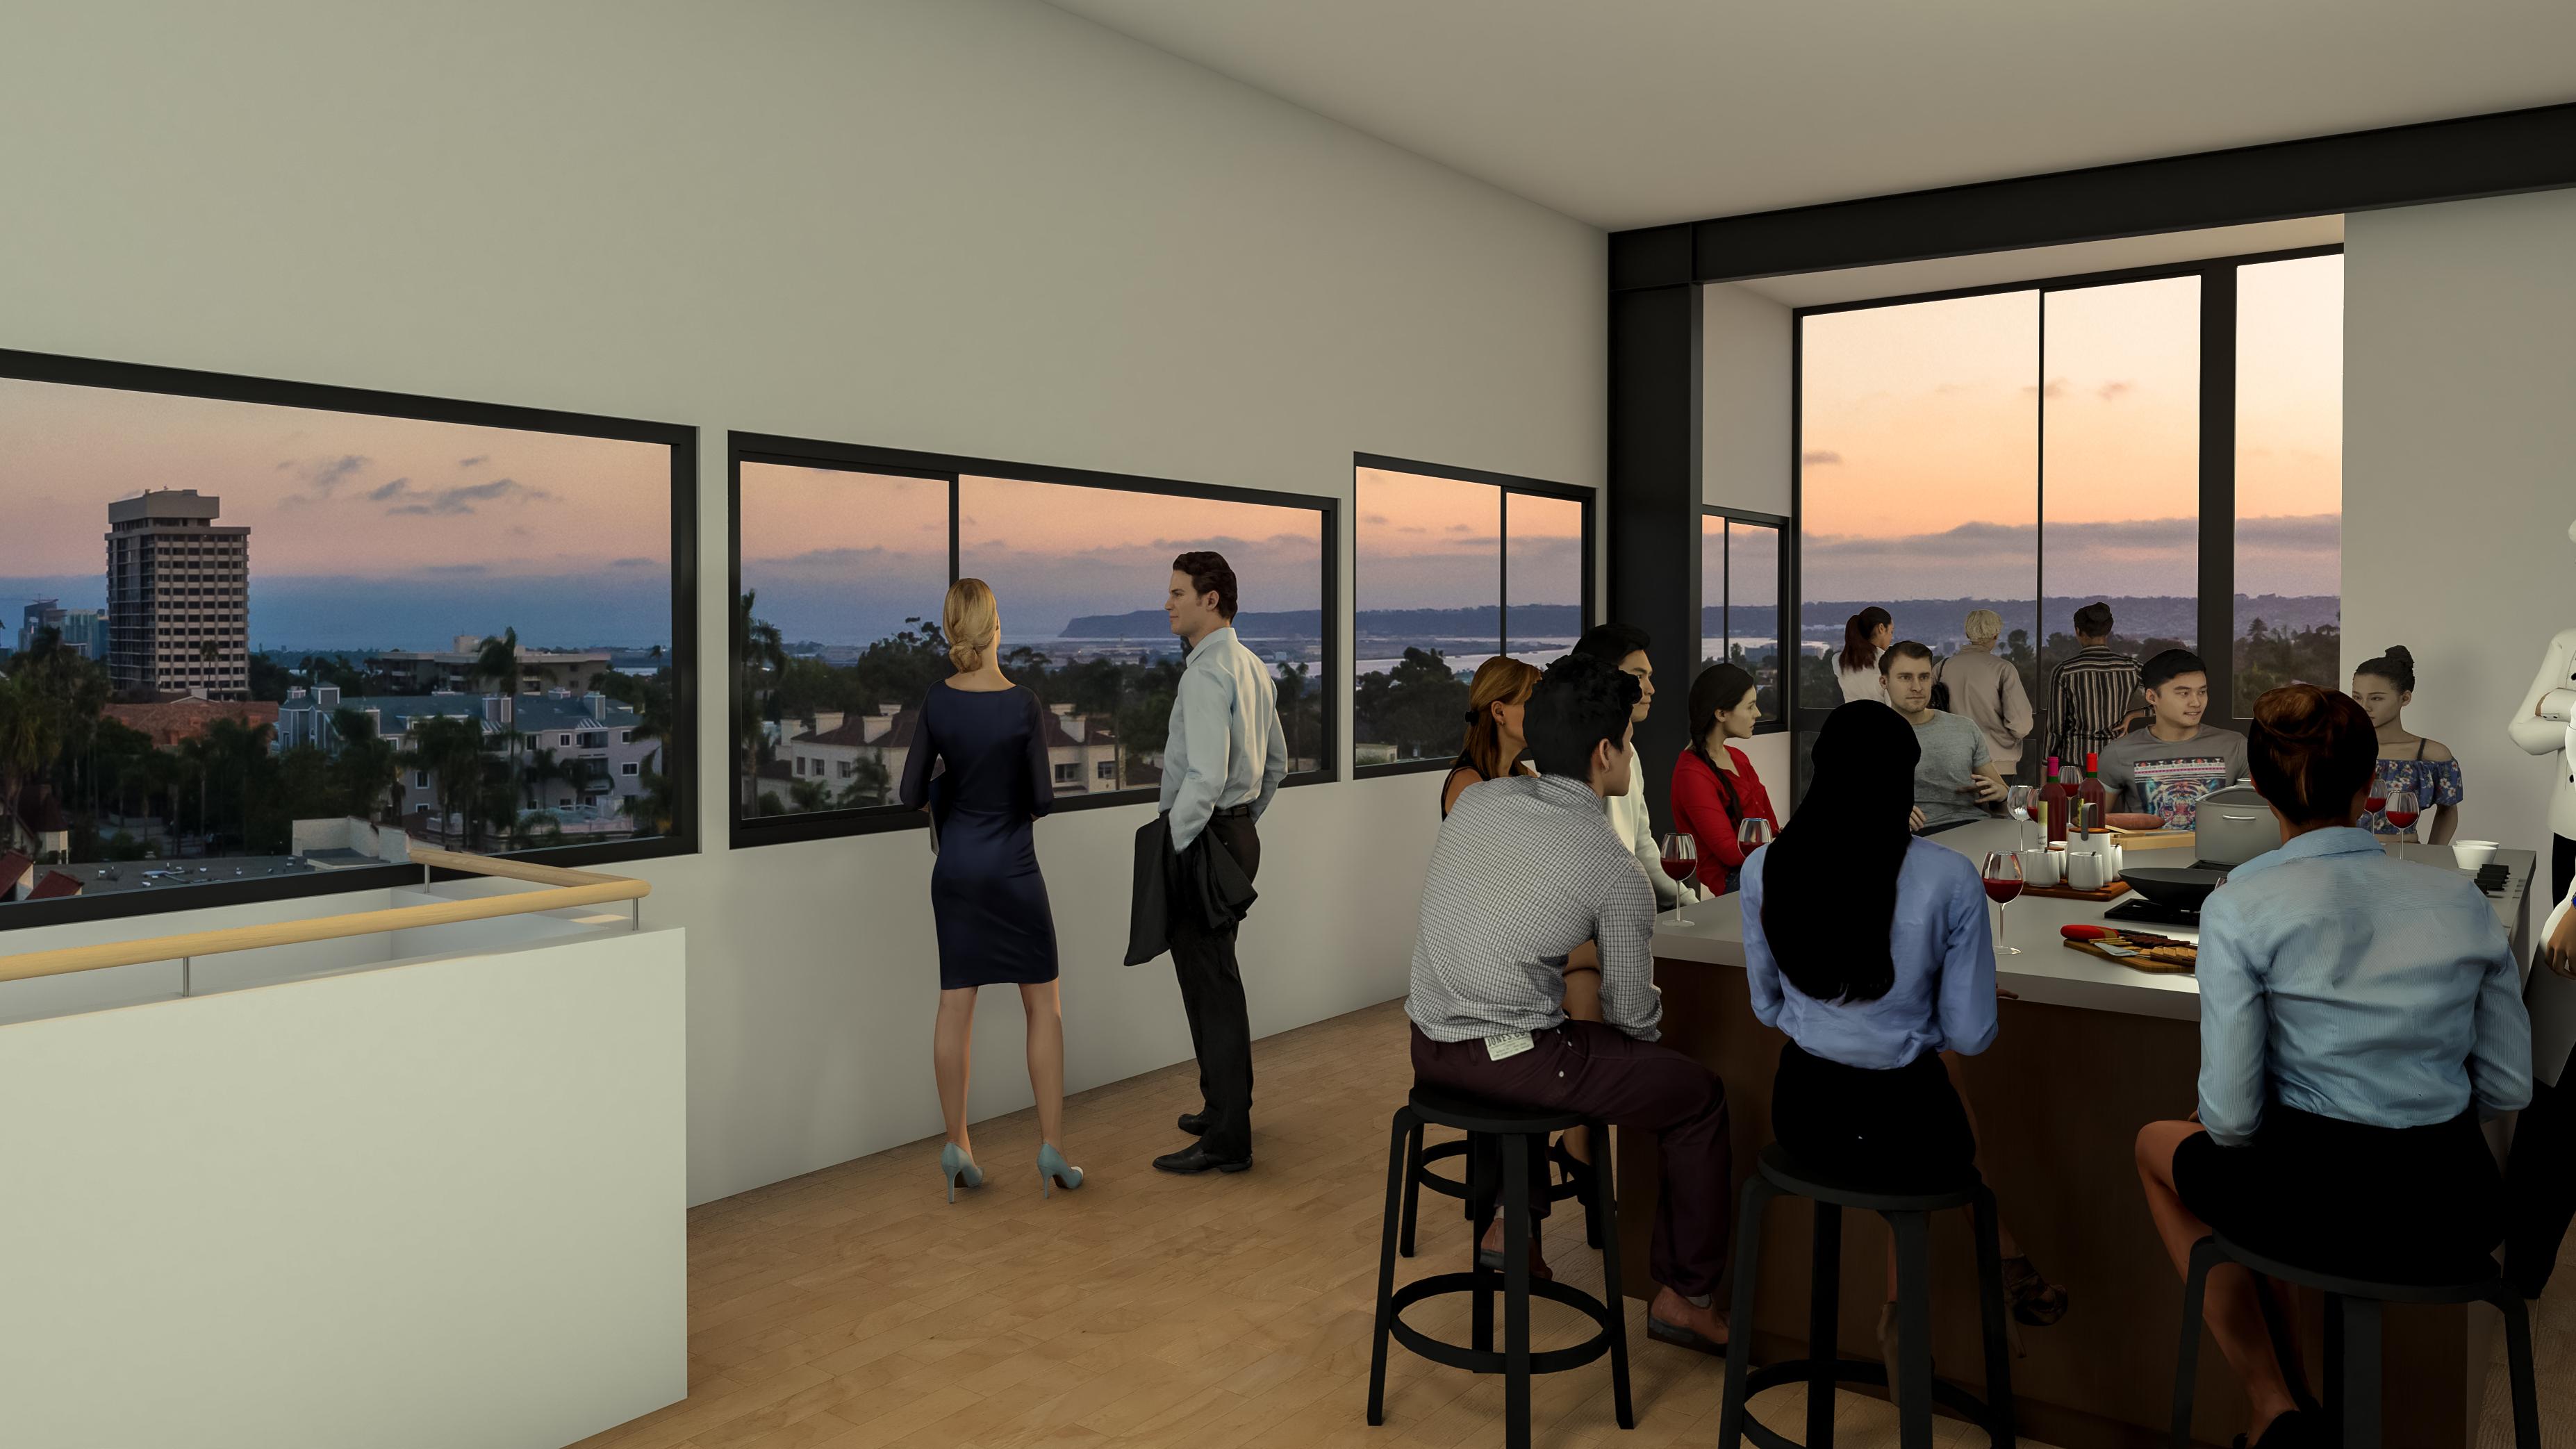 Modern Solarium Open Space Floor to Ceiling Windows Kitchen Top